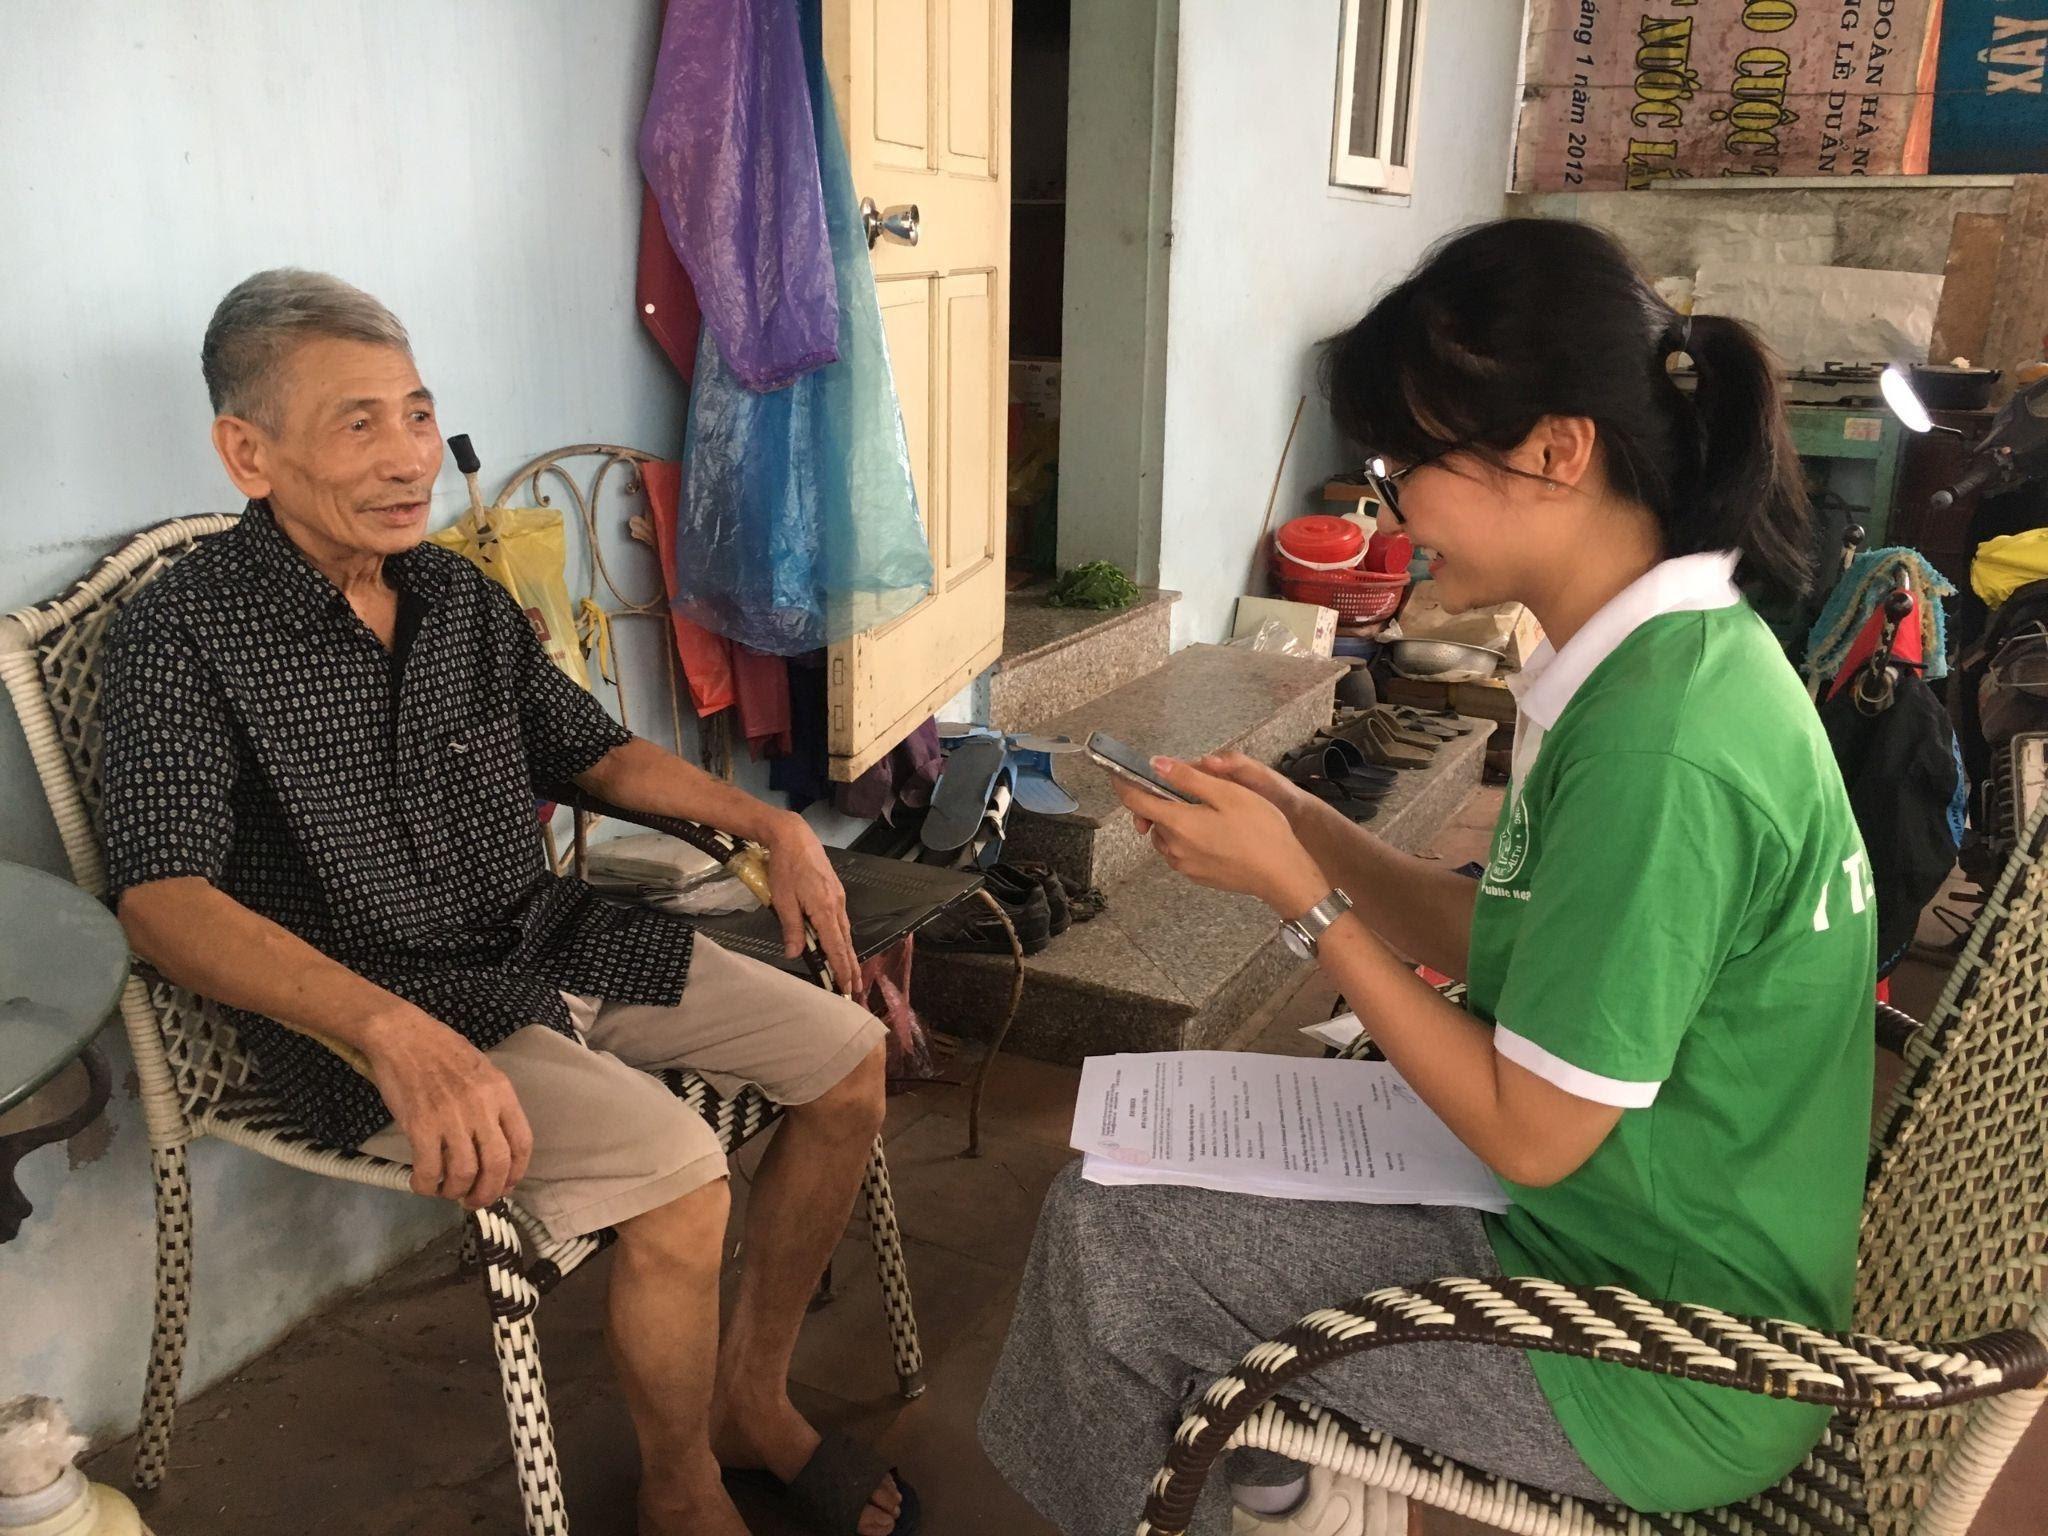 Thành viên nhóm dự án phỏng vấn người cao tuổi quận Bắc Từ Liêm   Ảnh: NVCC via Live&Learn